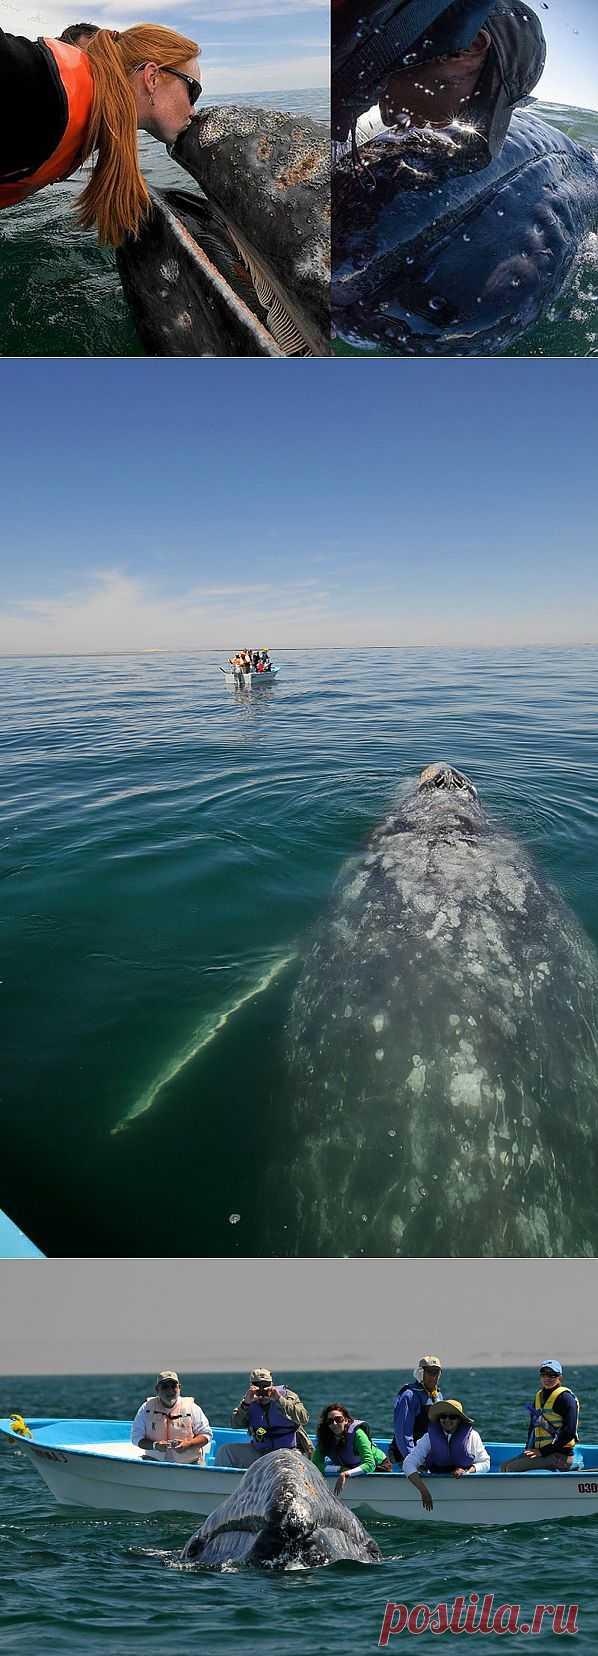 Поцеловаться с китом : НОВОСТИ В ФОТОГРАФИЯХ